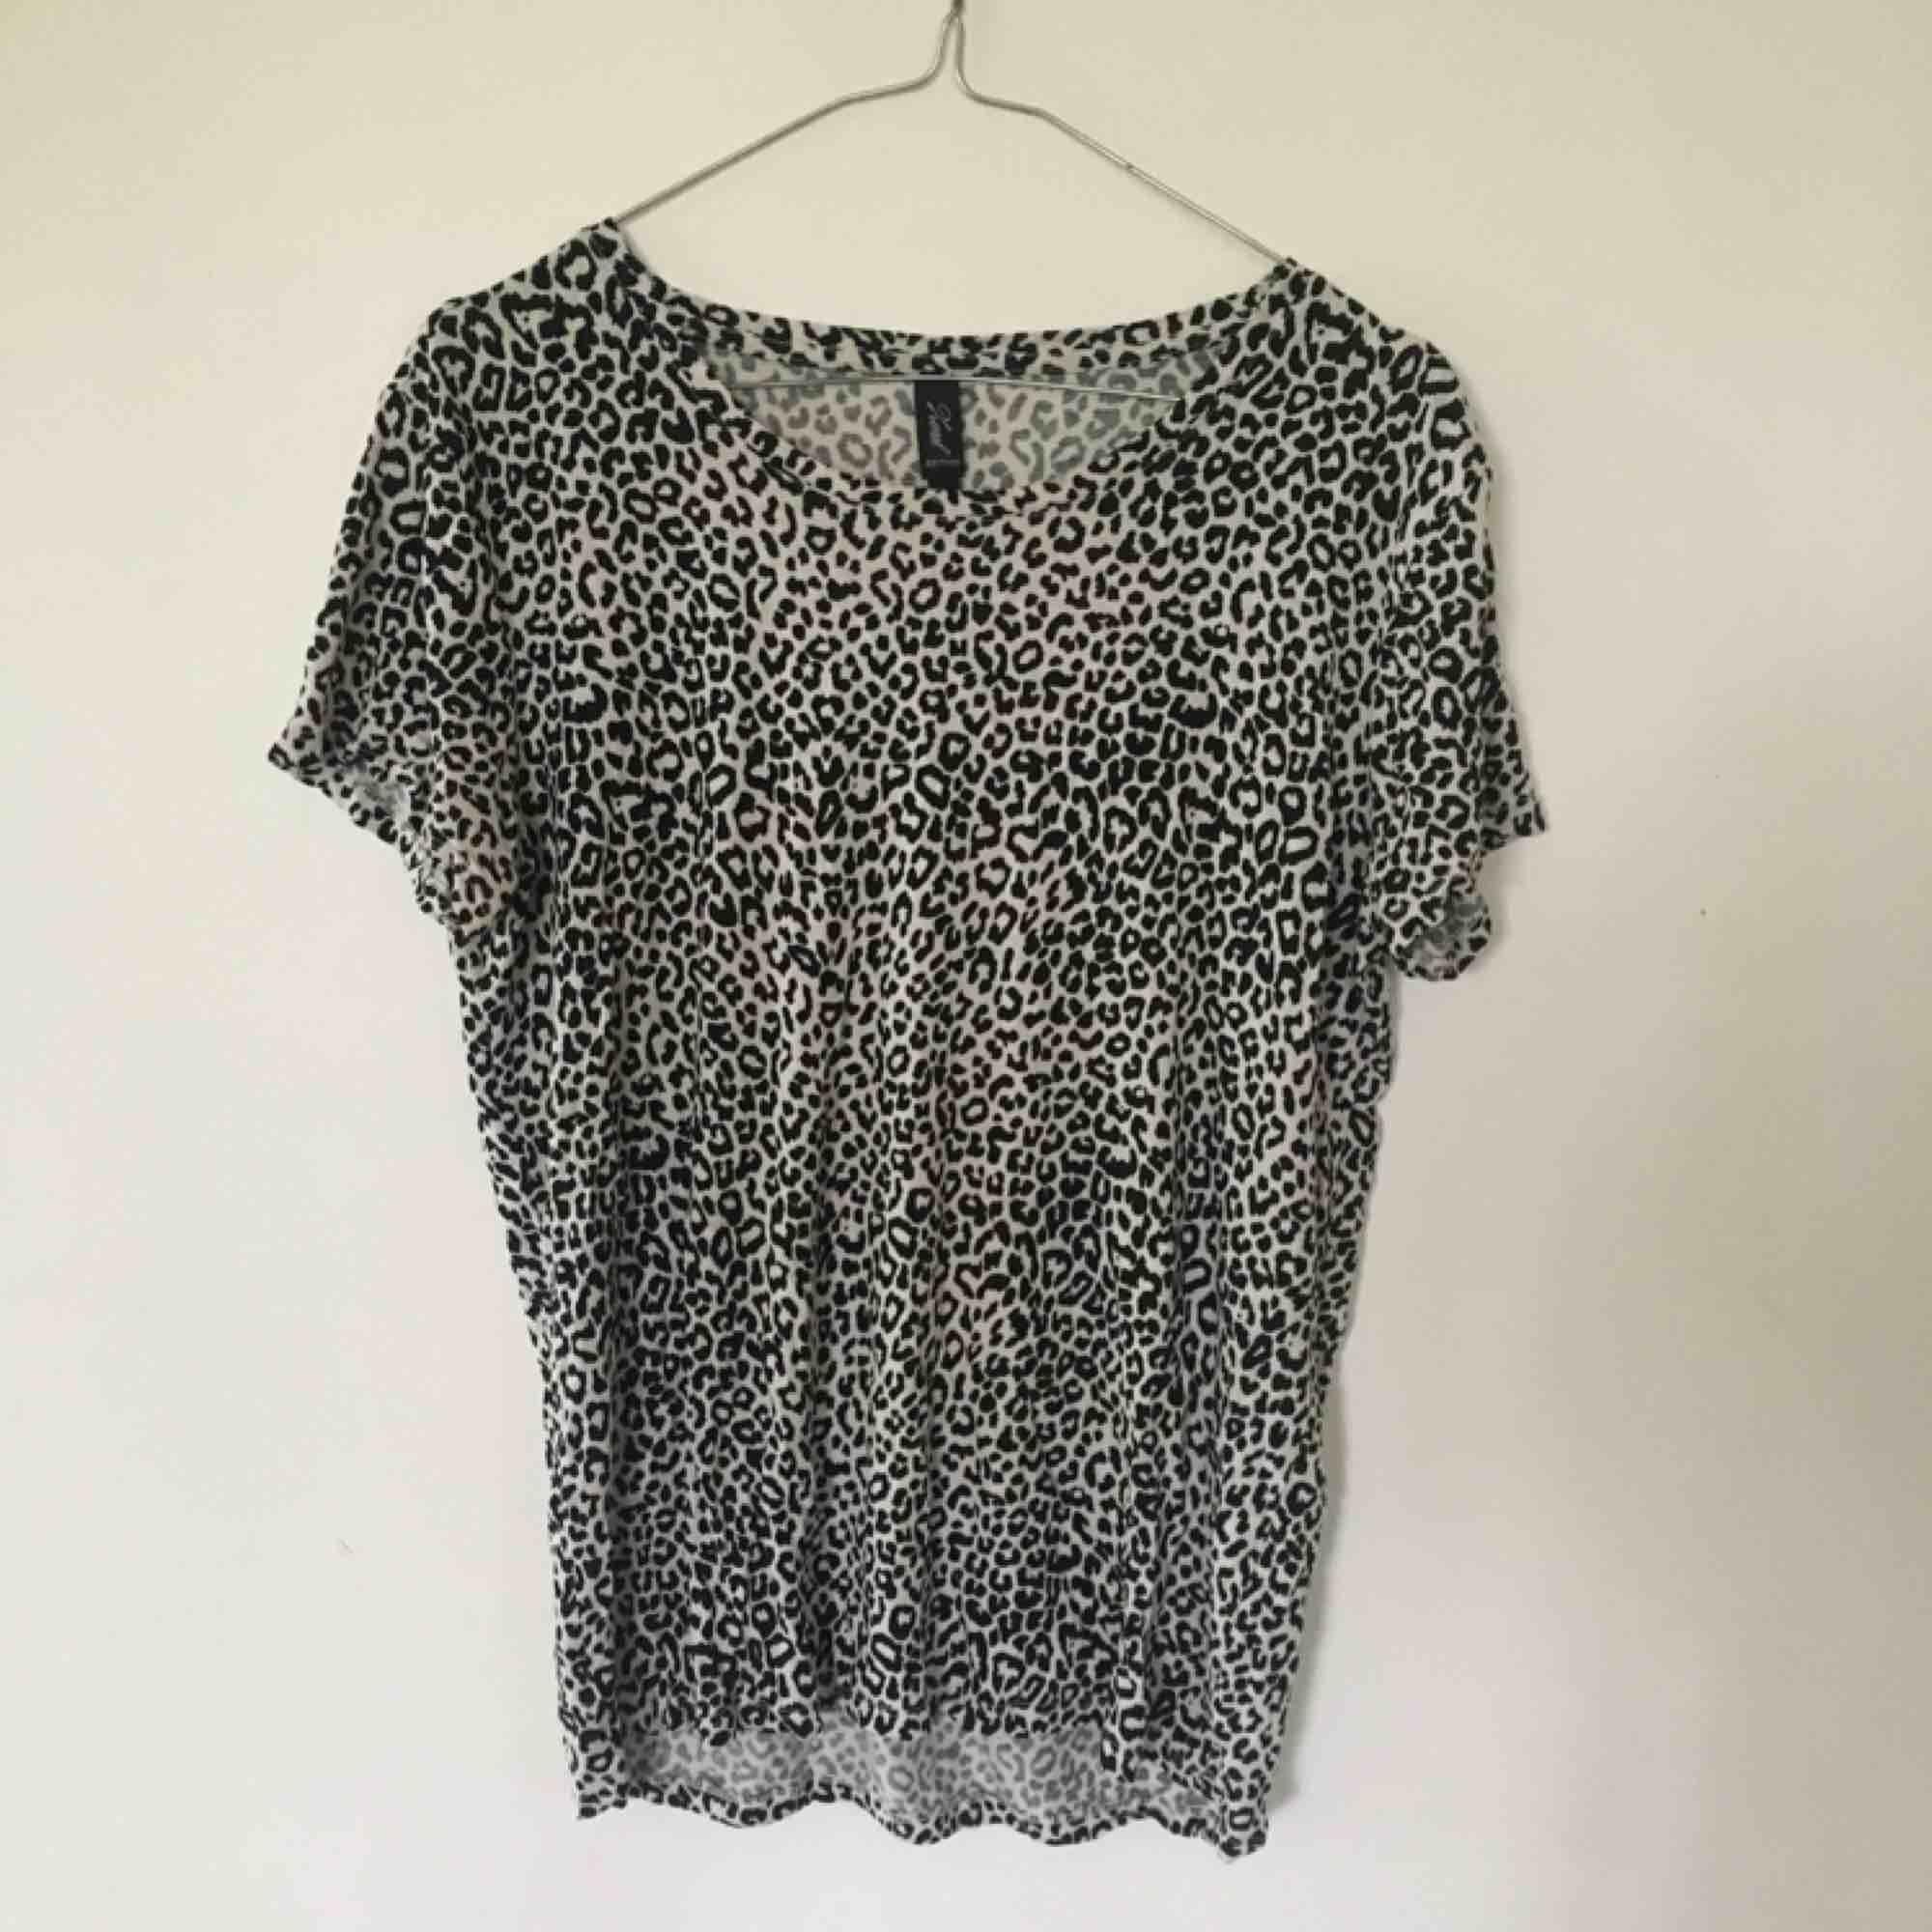 Jättefin leopard-T-shirt! . T-shirts.